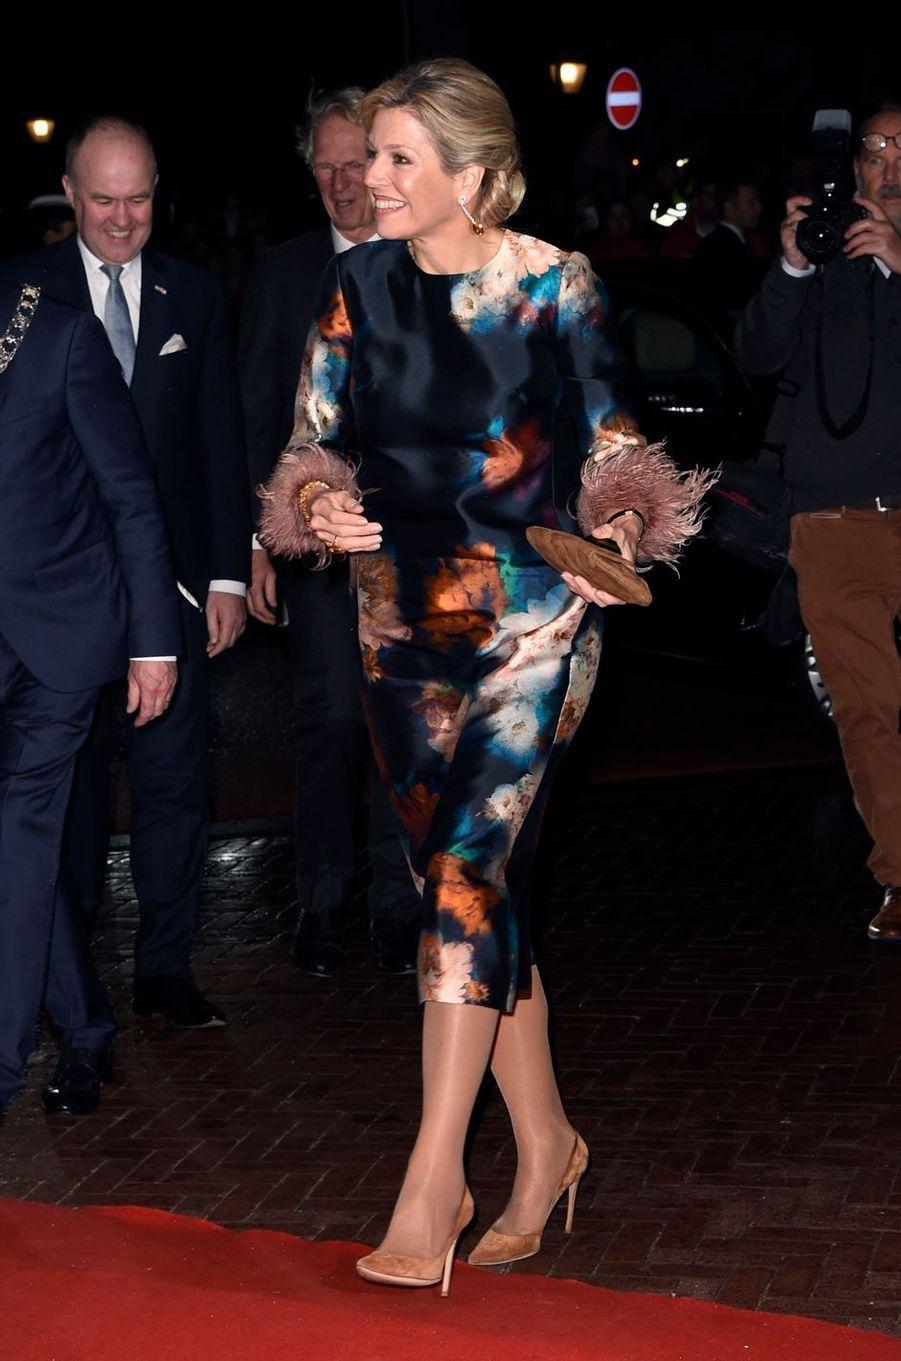 La reine Maxima des Pays-Bas à Leeuwarden, le 27 janvier 2018